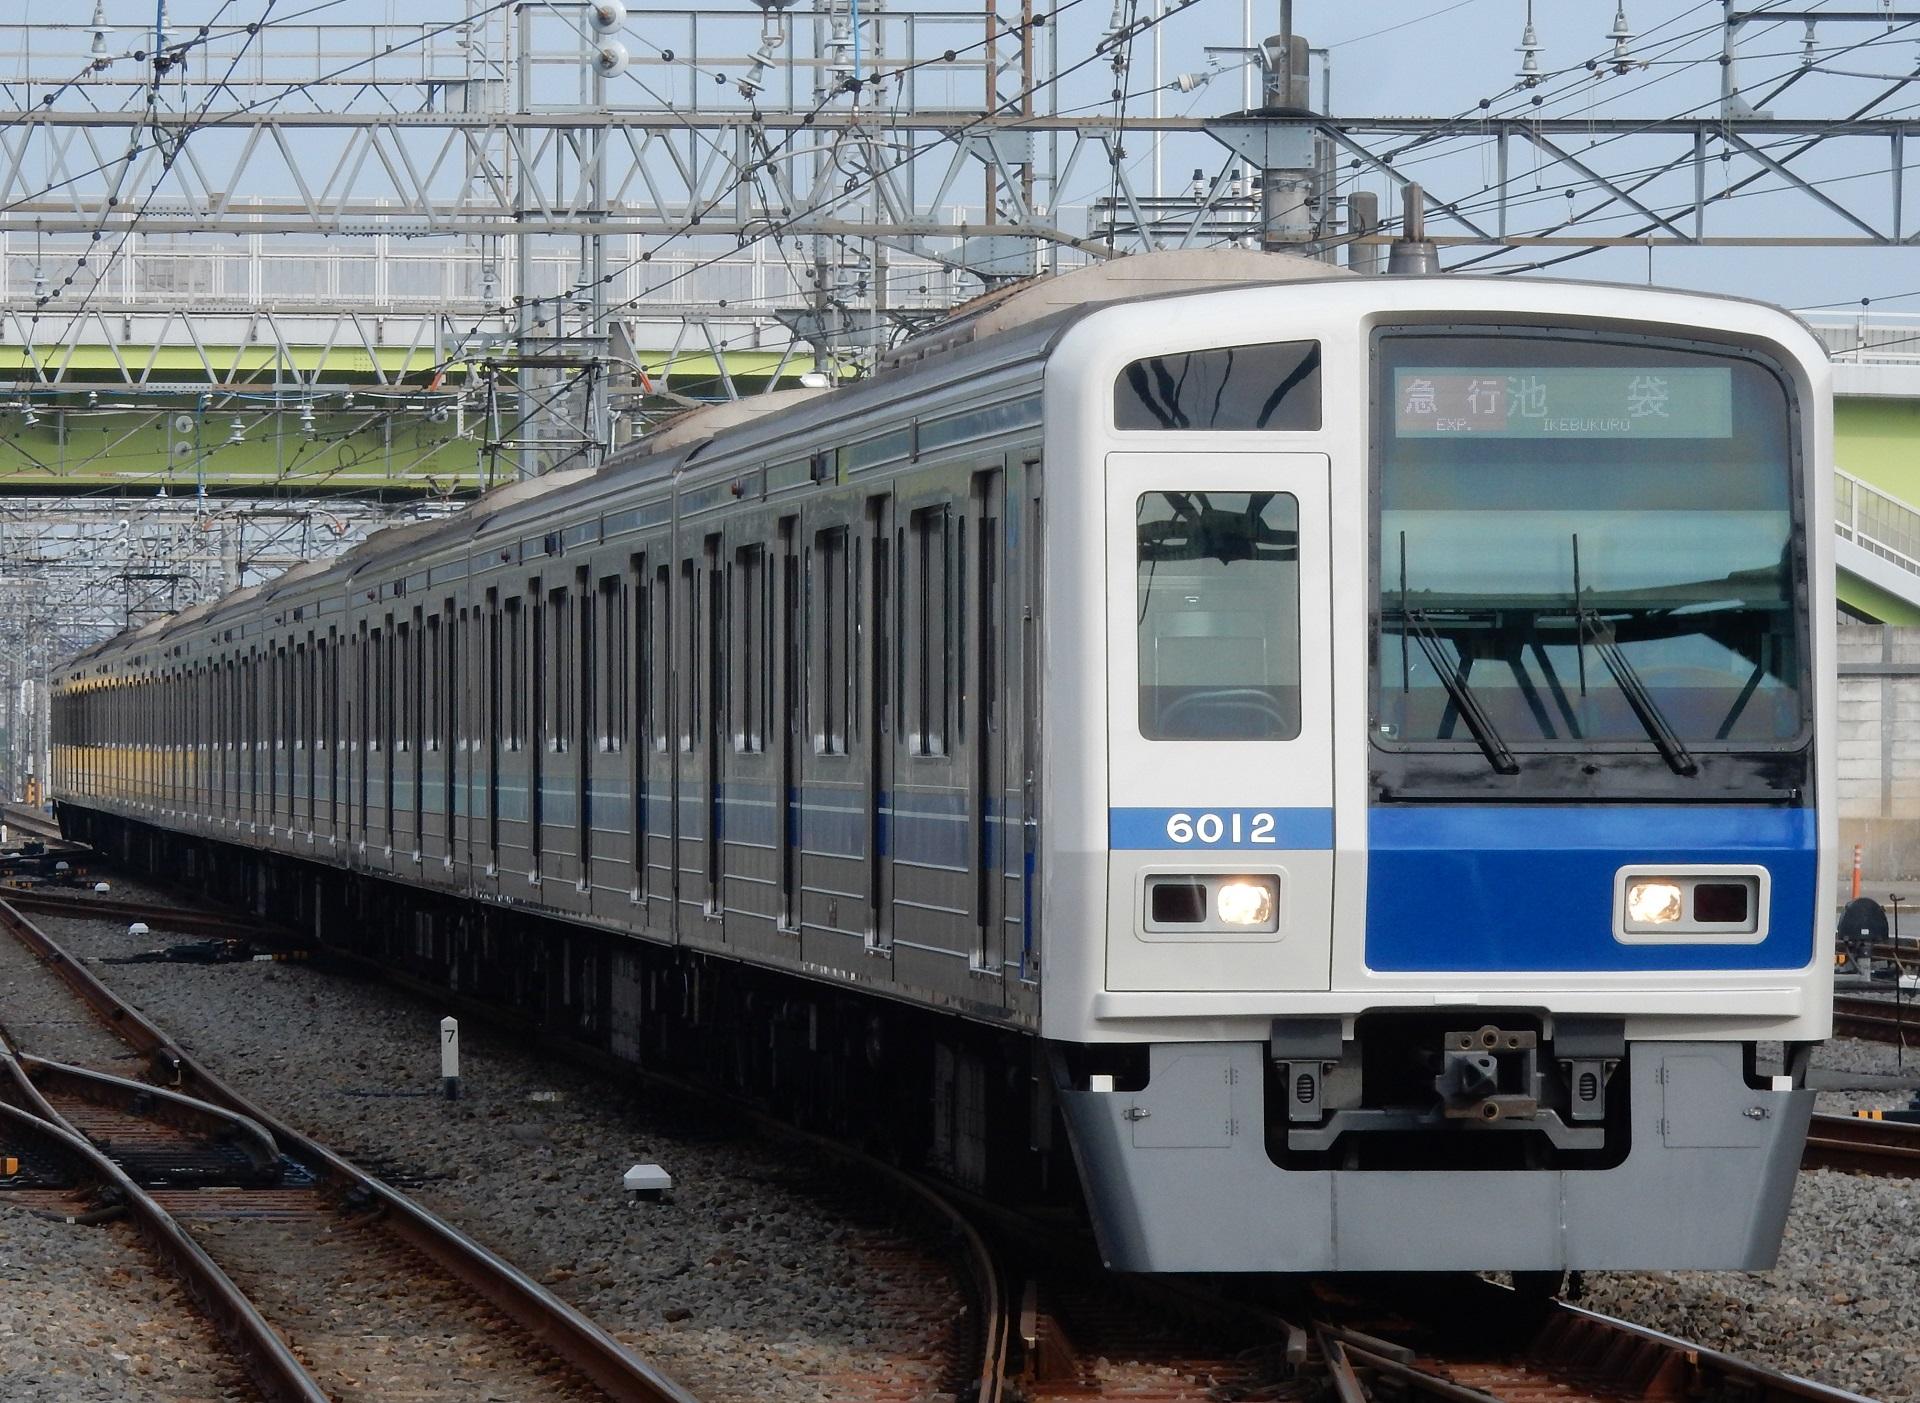 DSCN3110 - コピー